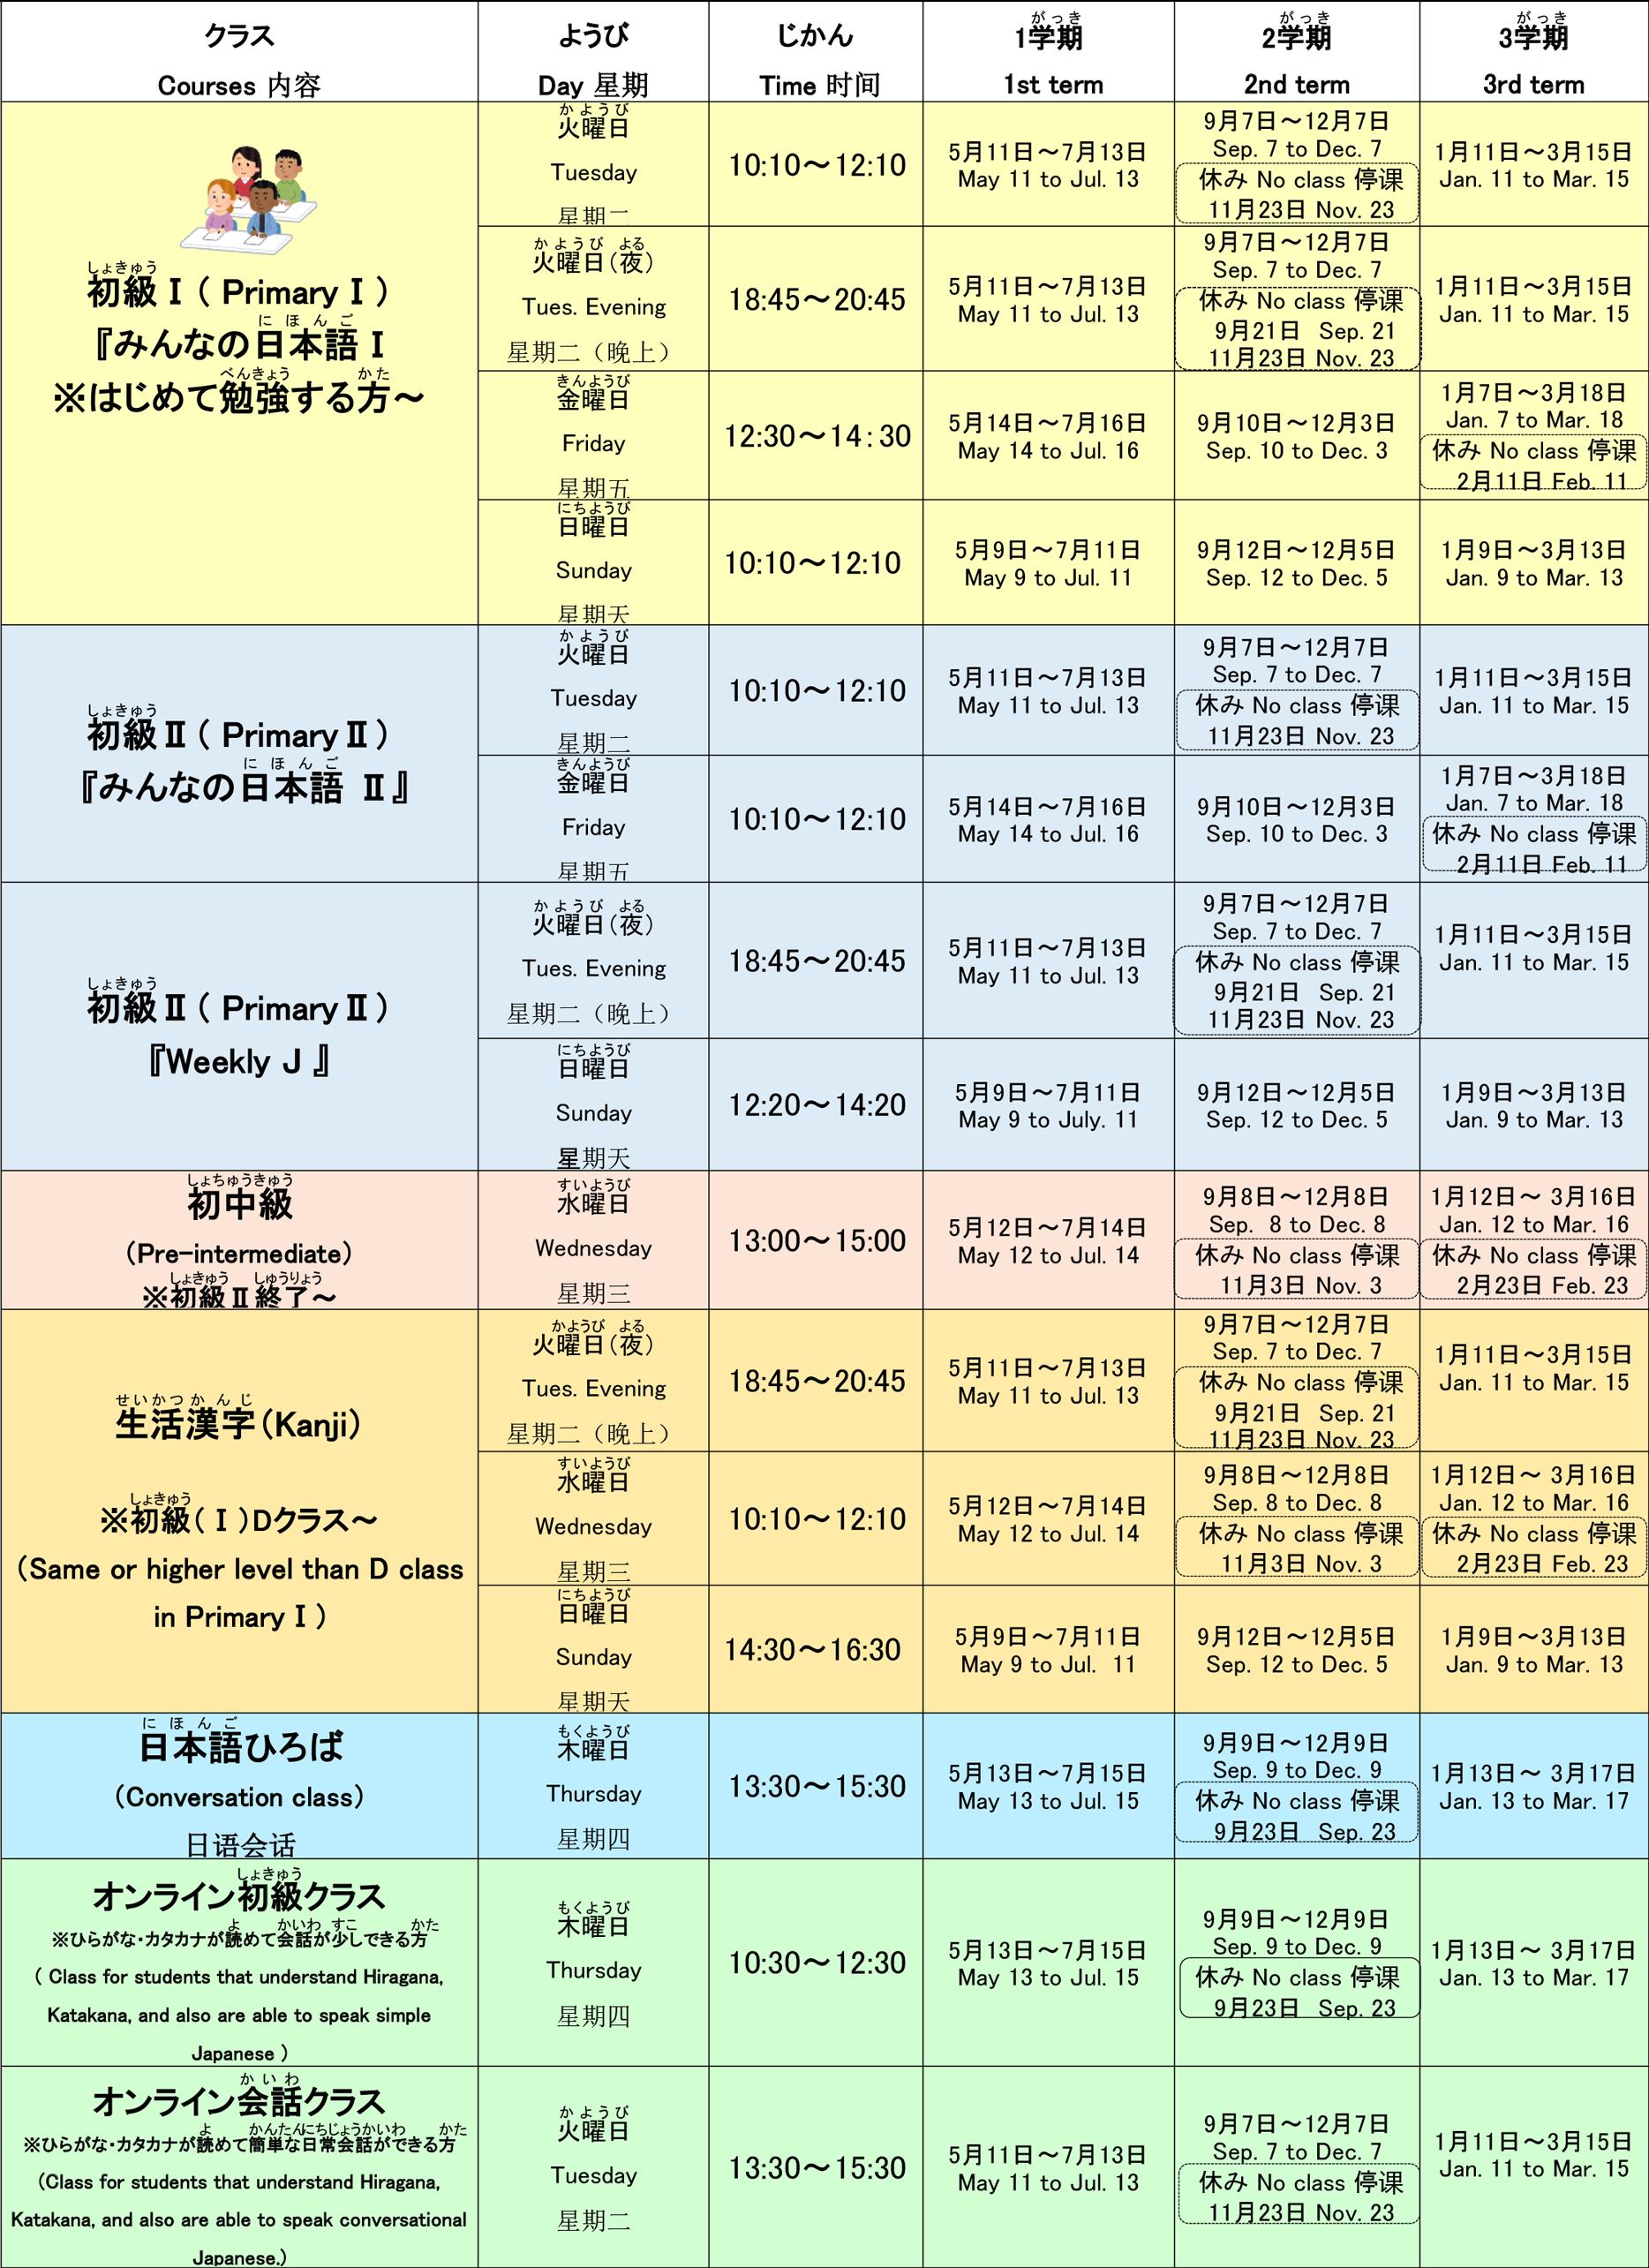 日程表(2021年4月〜2022年3月)